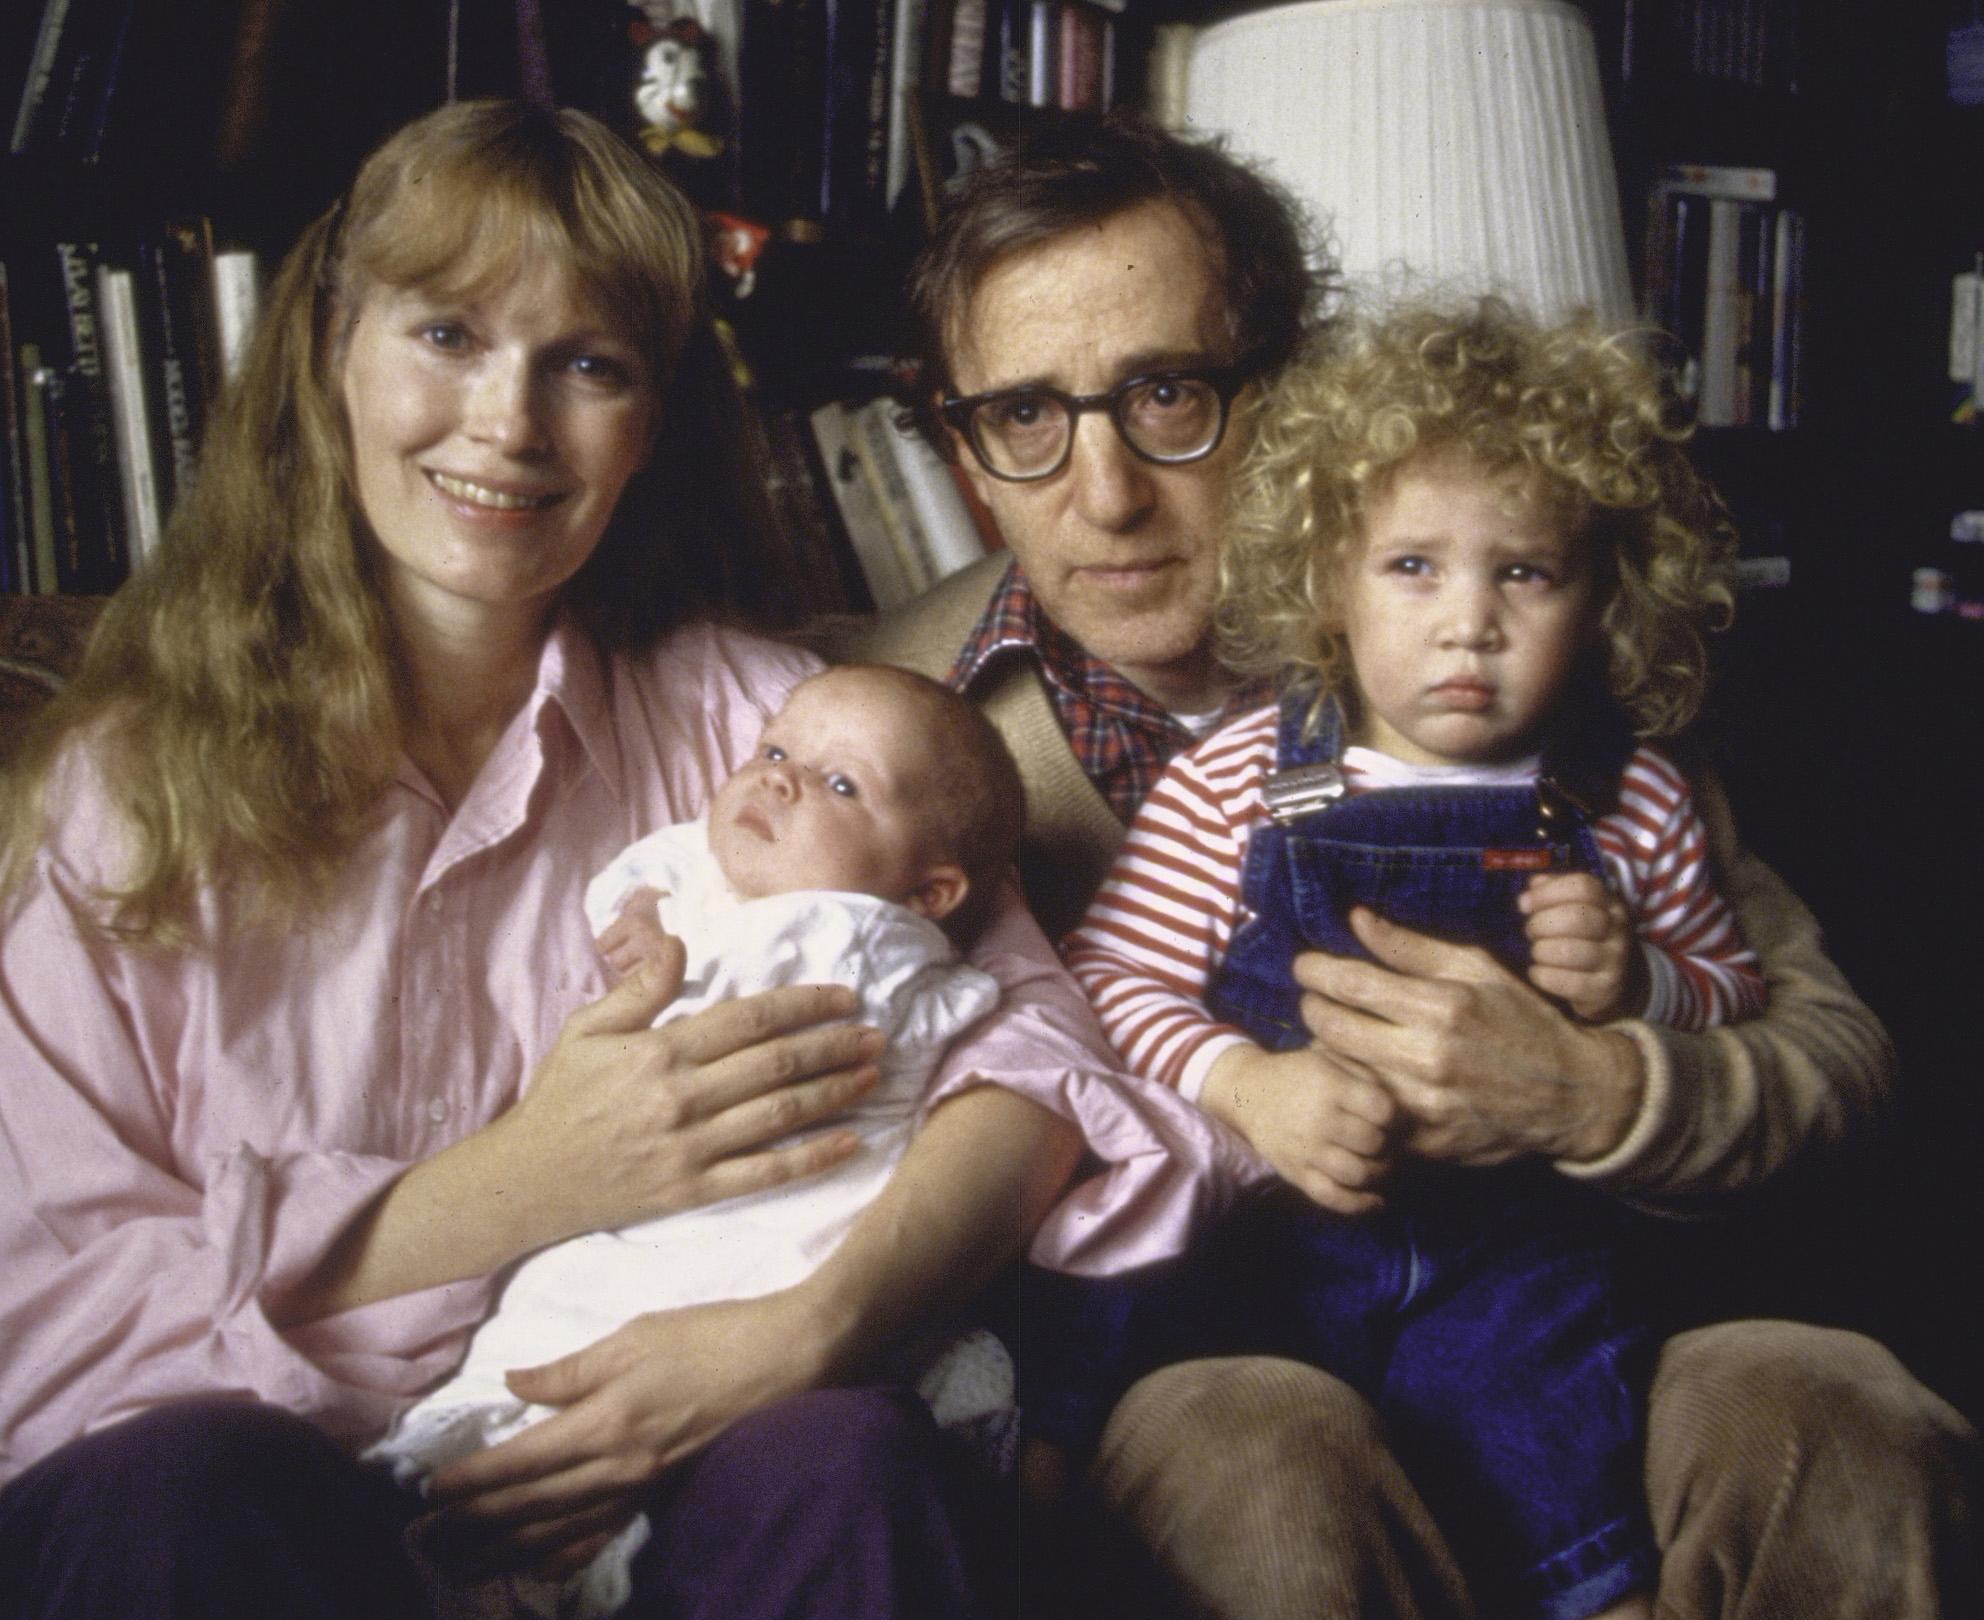 Mia Farrow, Woody Allen, el recien nacido Satchel (ahora Ronan) y la hija adoptada Dylan (ahora Malone). Fotografía: Getty.